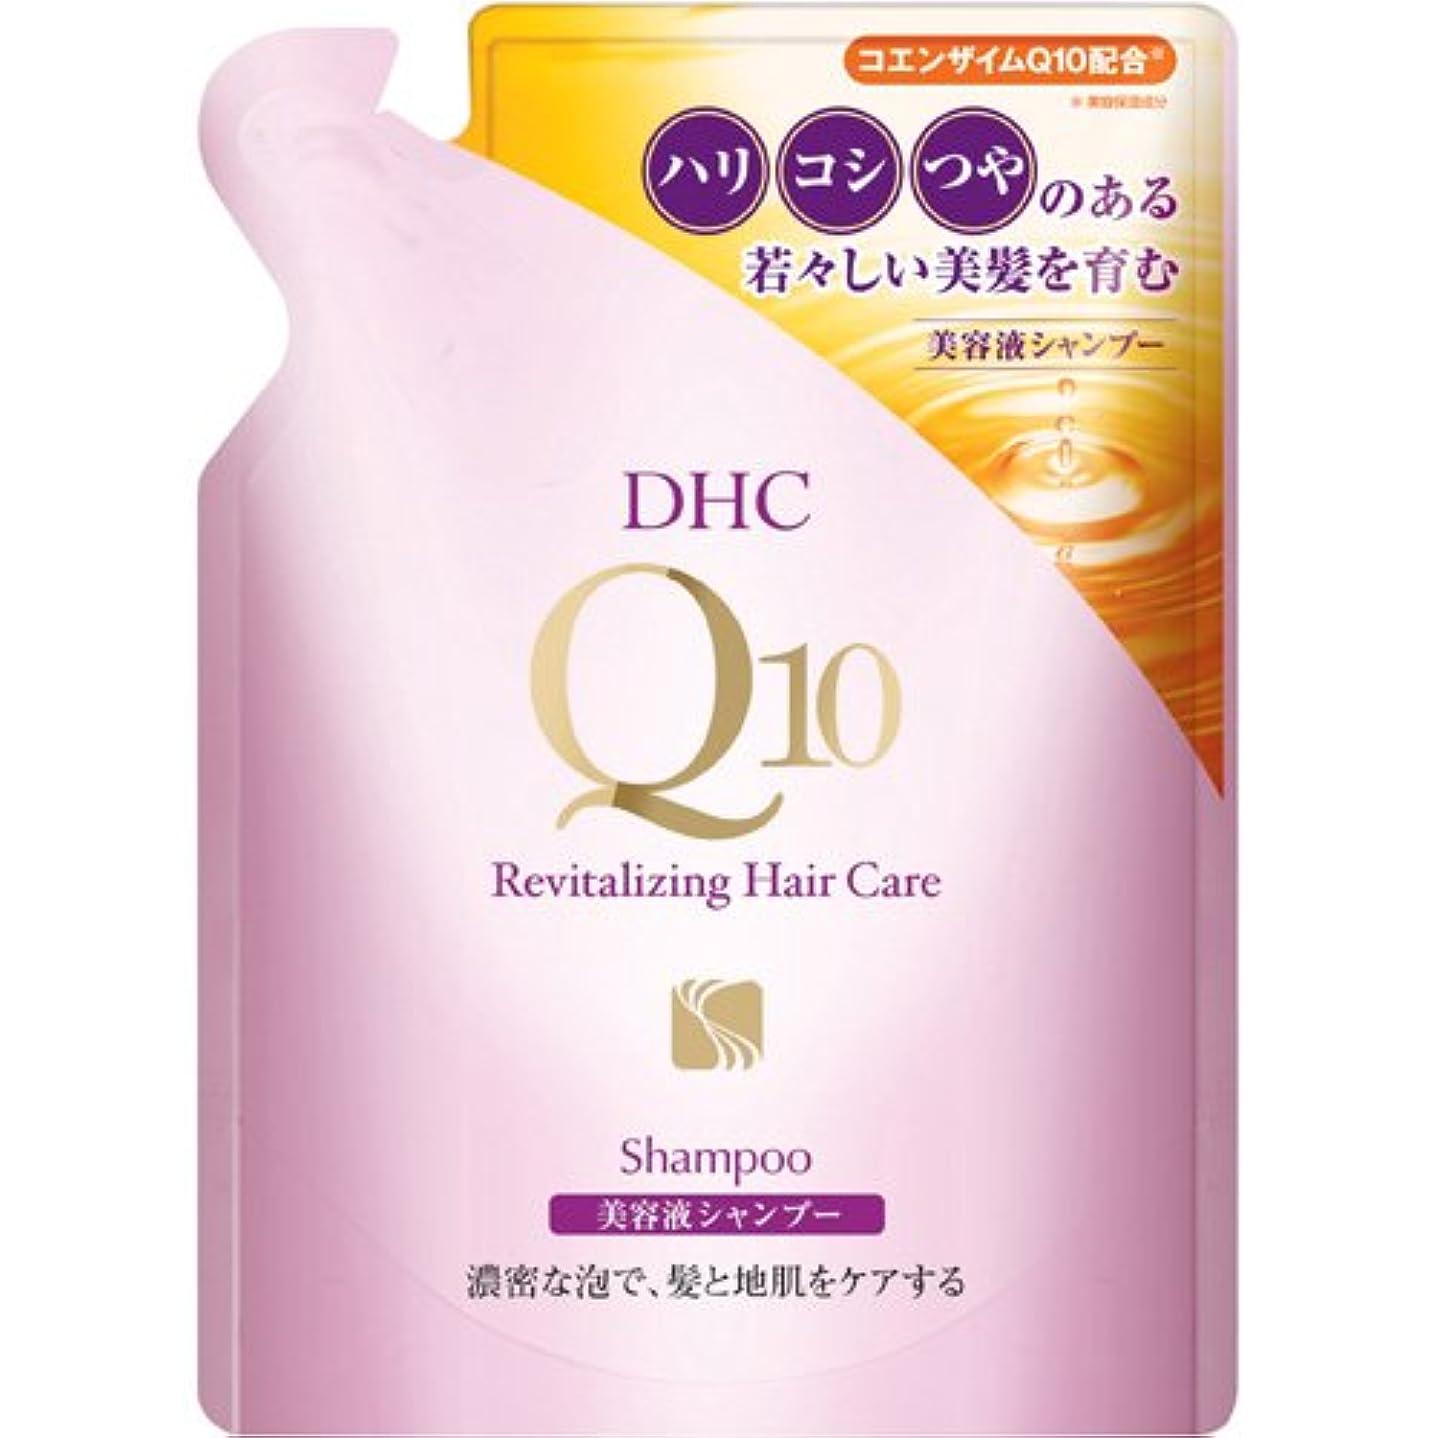 おしゃれなコメント敬なDHC Q10美容液 シャンプー 詰め替え用 (SS) 240ml